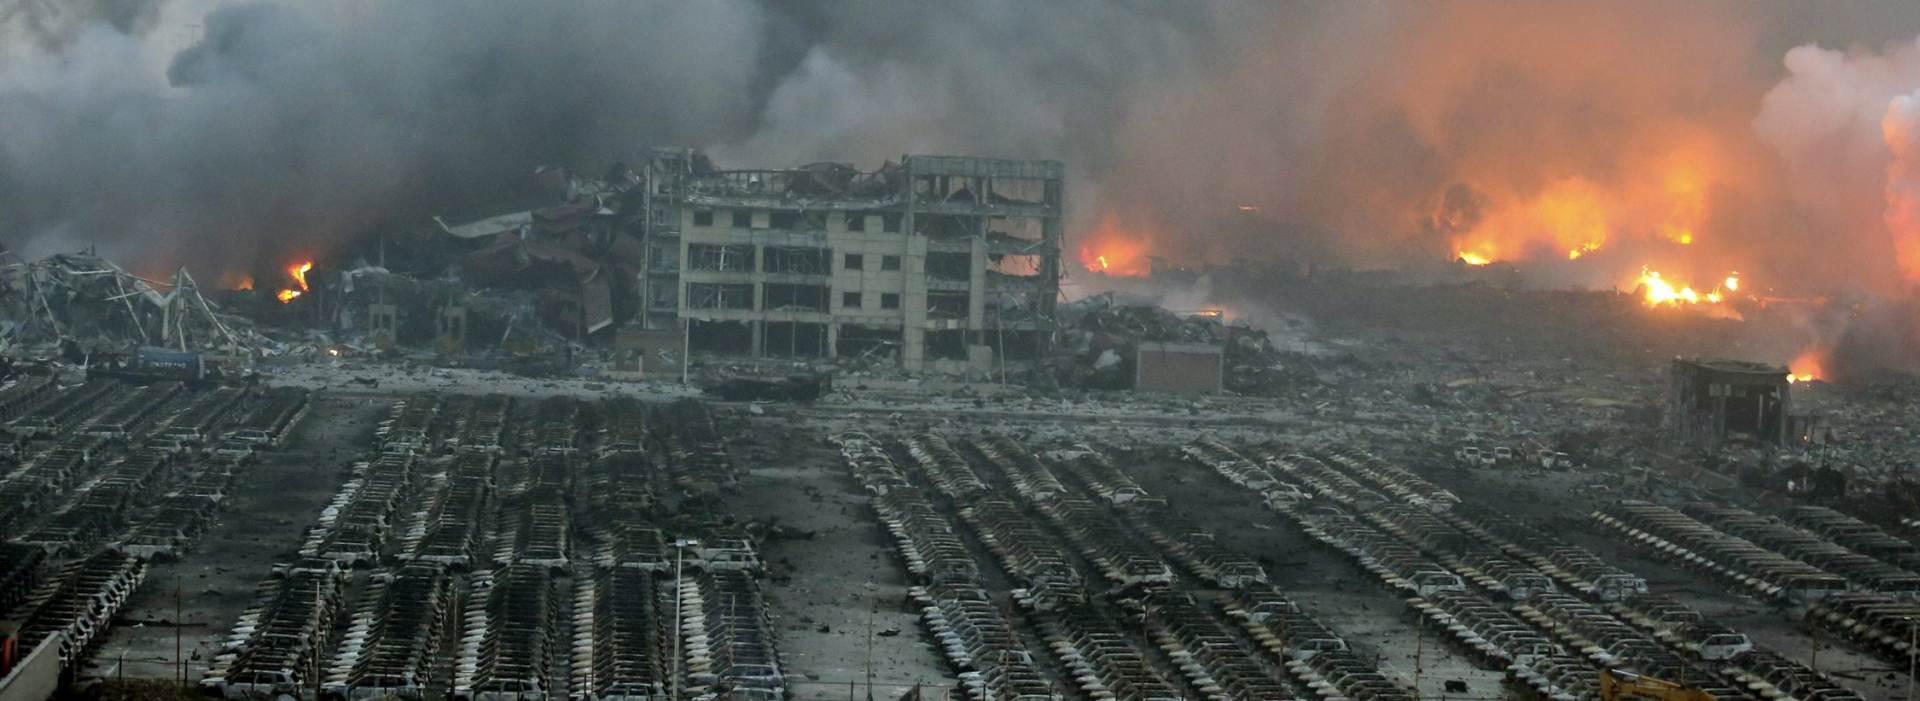 ŠOKIRANI SNAGOM: Eksplozije u Tianjinu zabilježene kao potresi